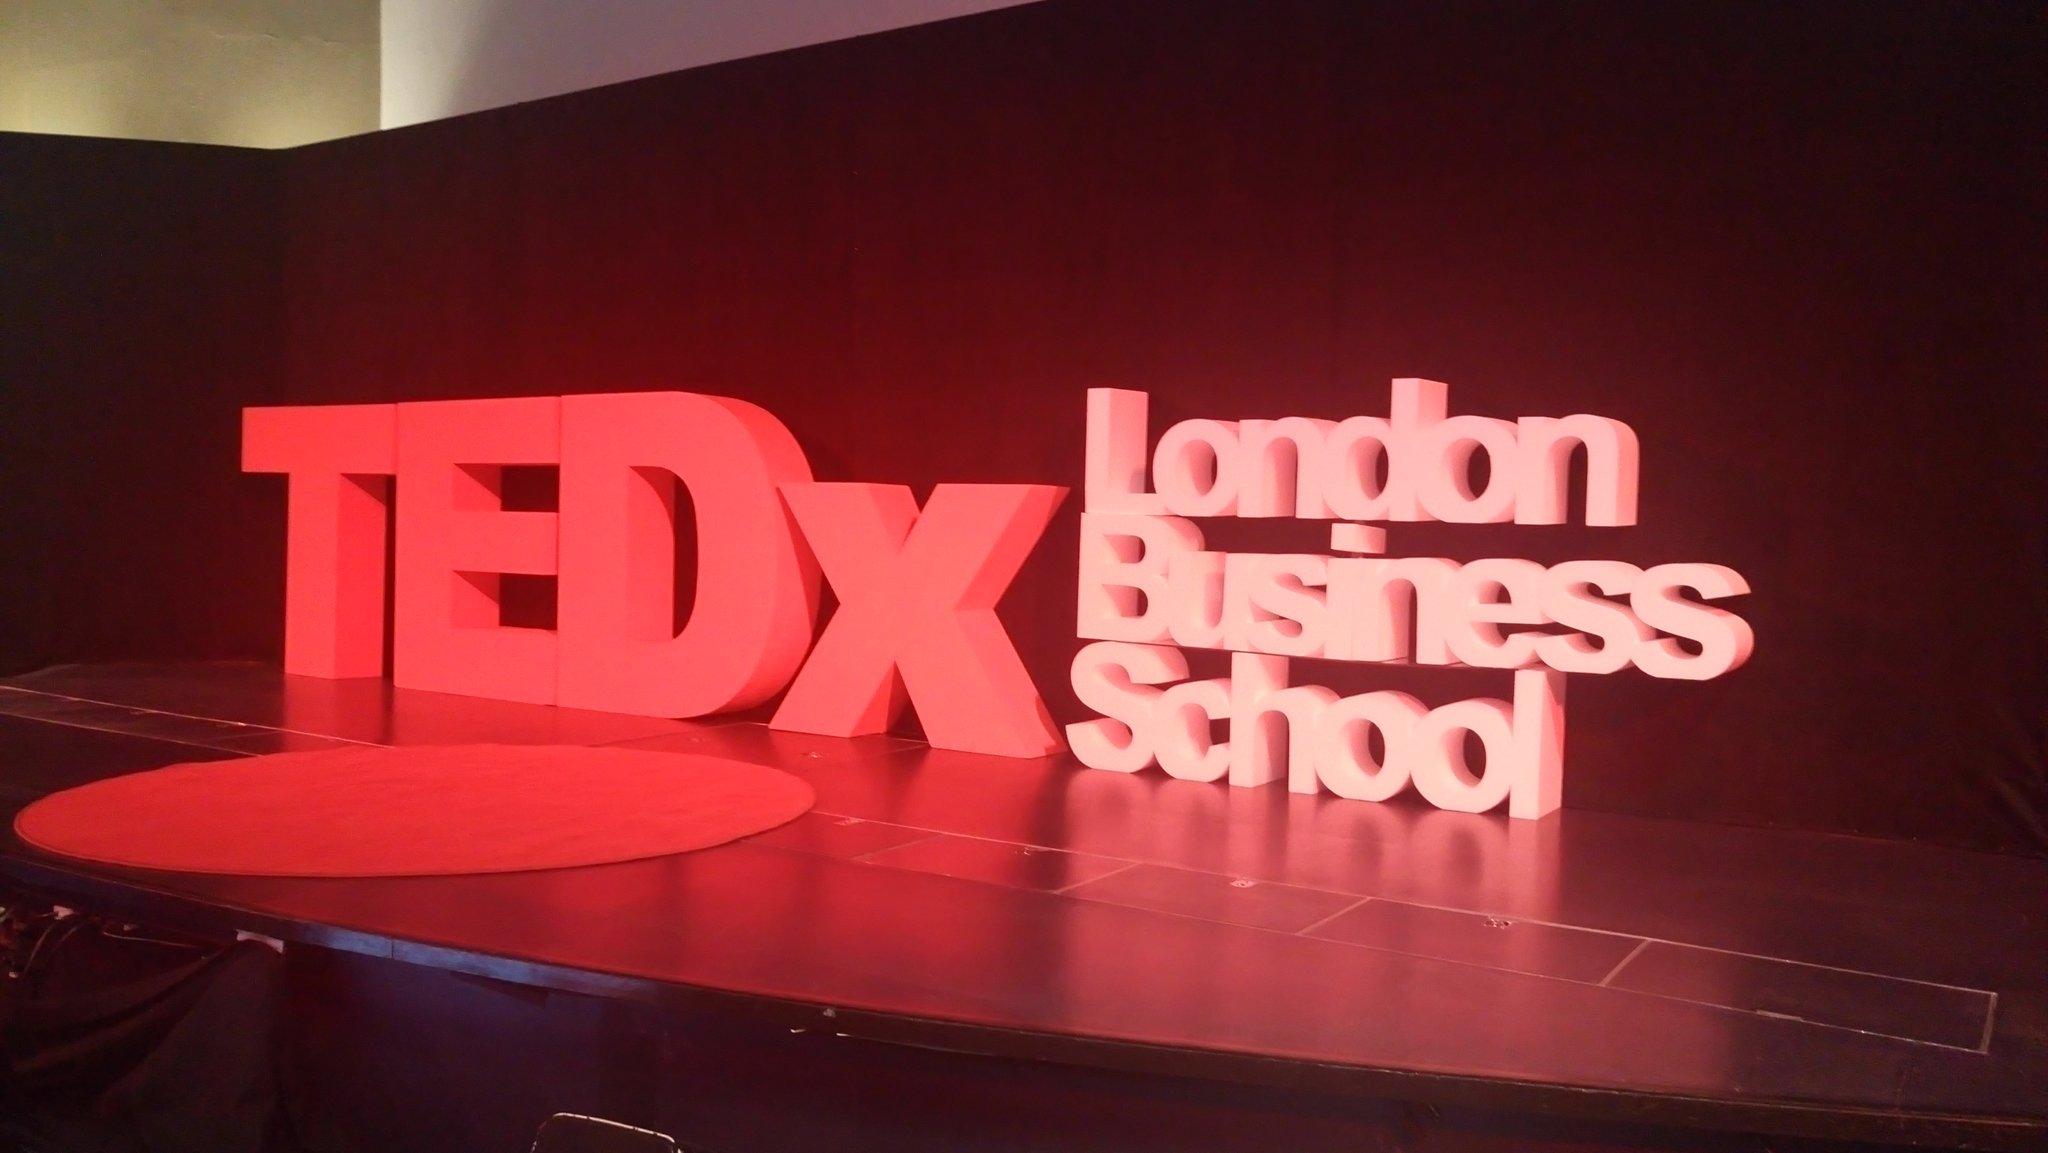 Tedx London Business School